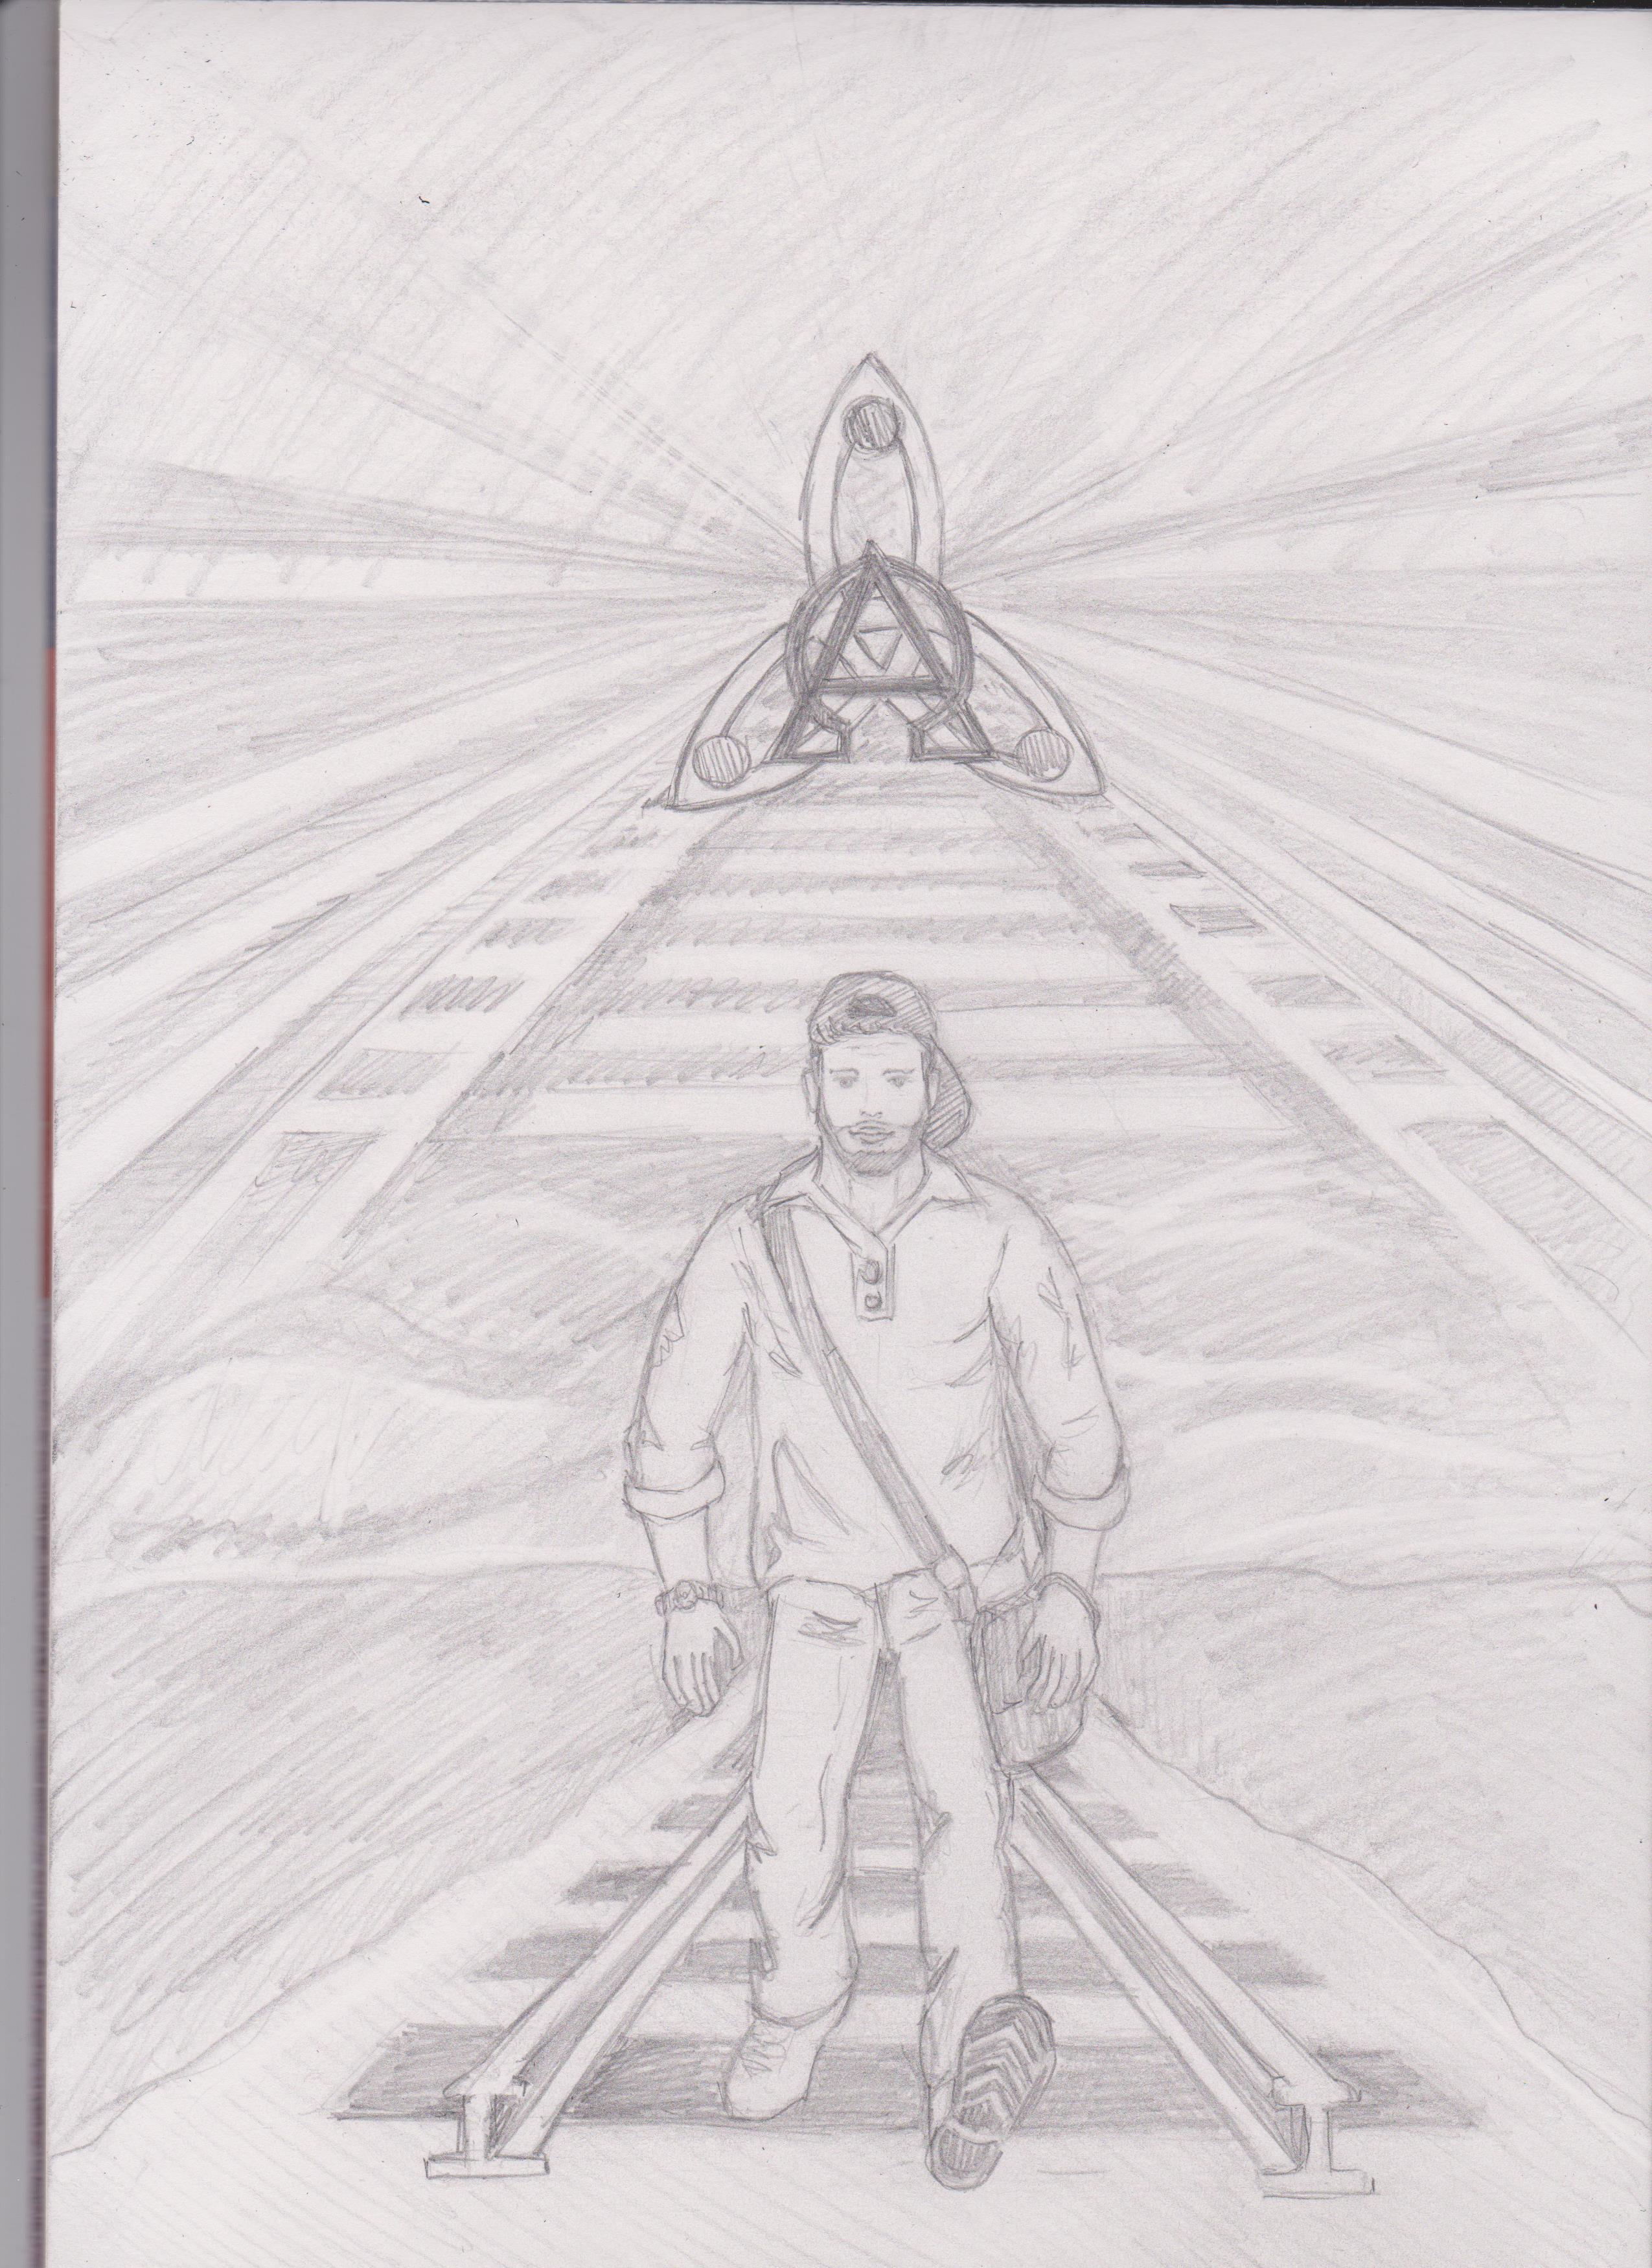 23 чёрно-белые и 1 цветная иллюстрация для книги (конкурс) фото f_09559bfe7133c7f8.jpg